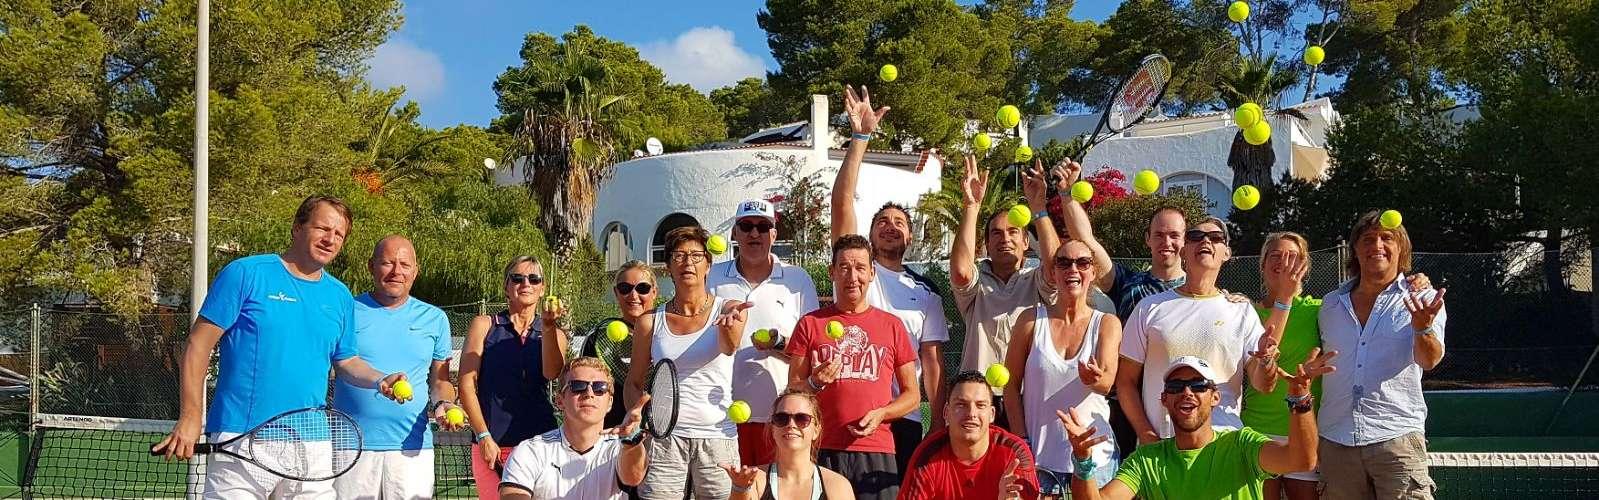 Singlereis Tennis Ibiza